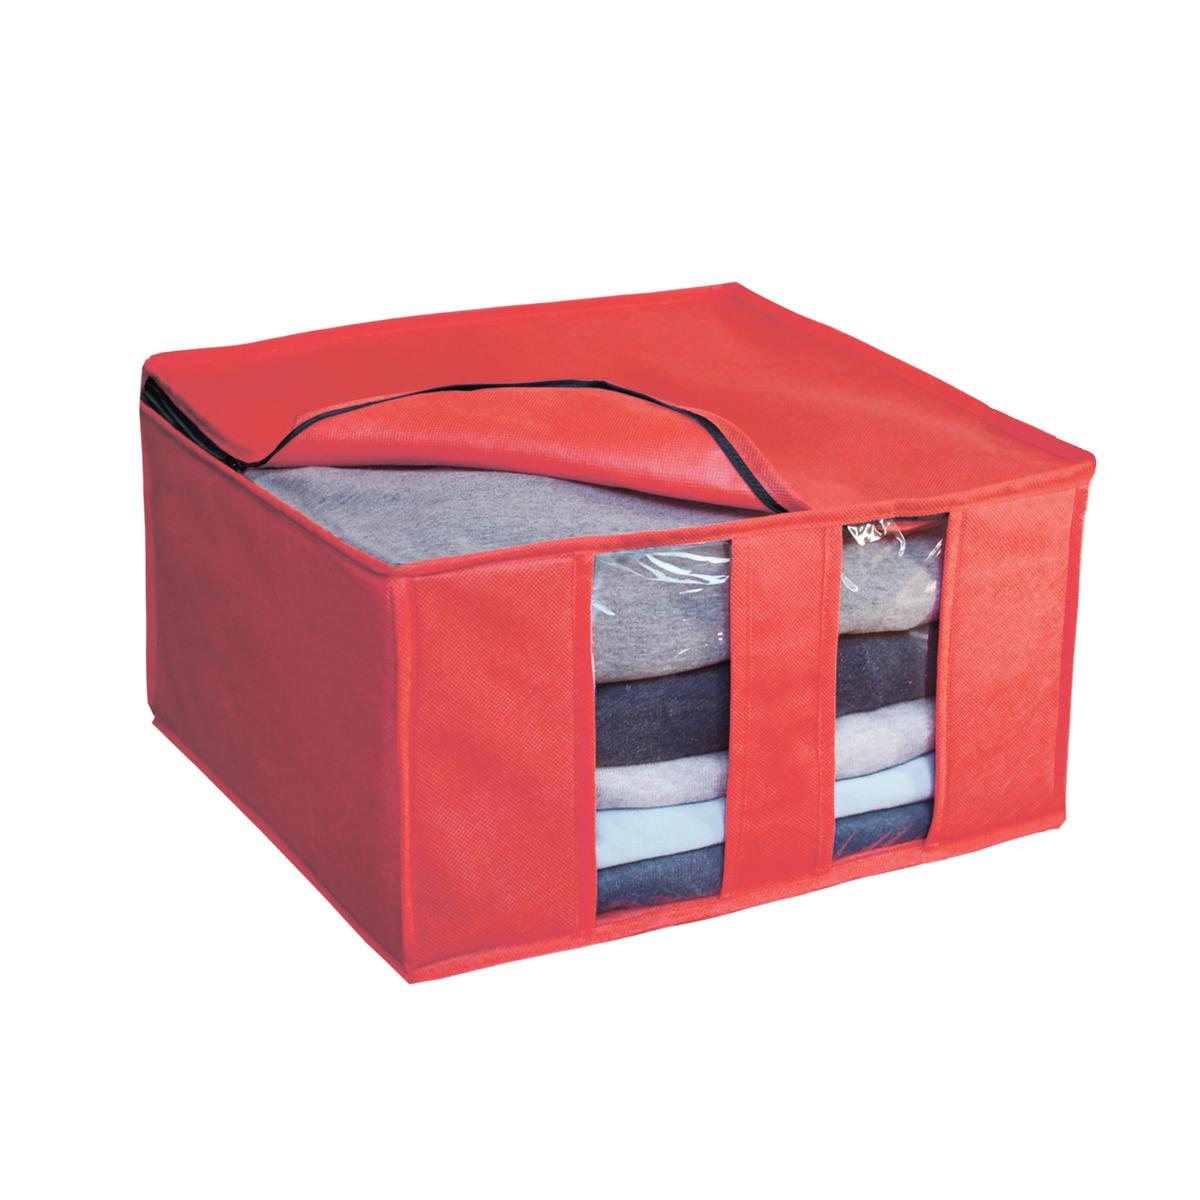 Кофр для хранения Miolla, цвет: коралловый, 40 х 40 х 25 смCHL-6-3Ящик раскладной для хранения вещей 40 x 40 x 25